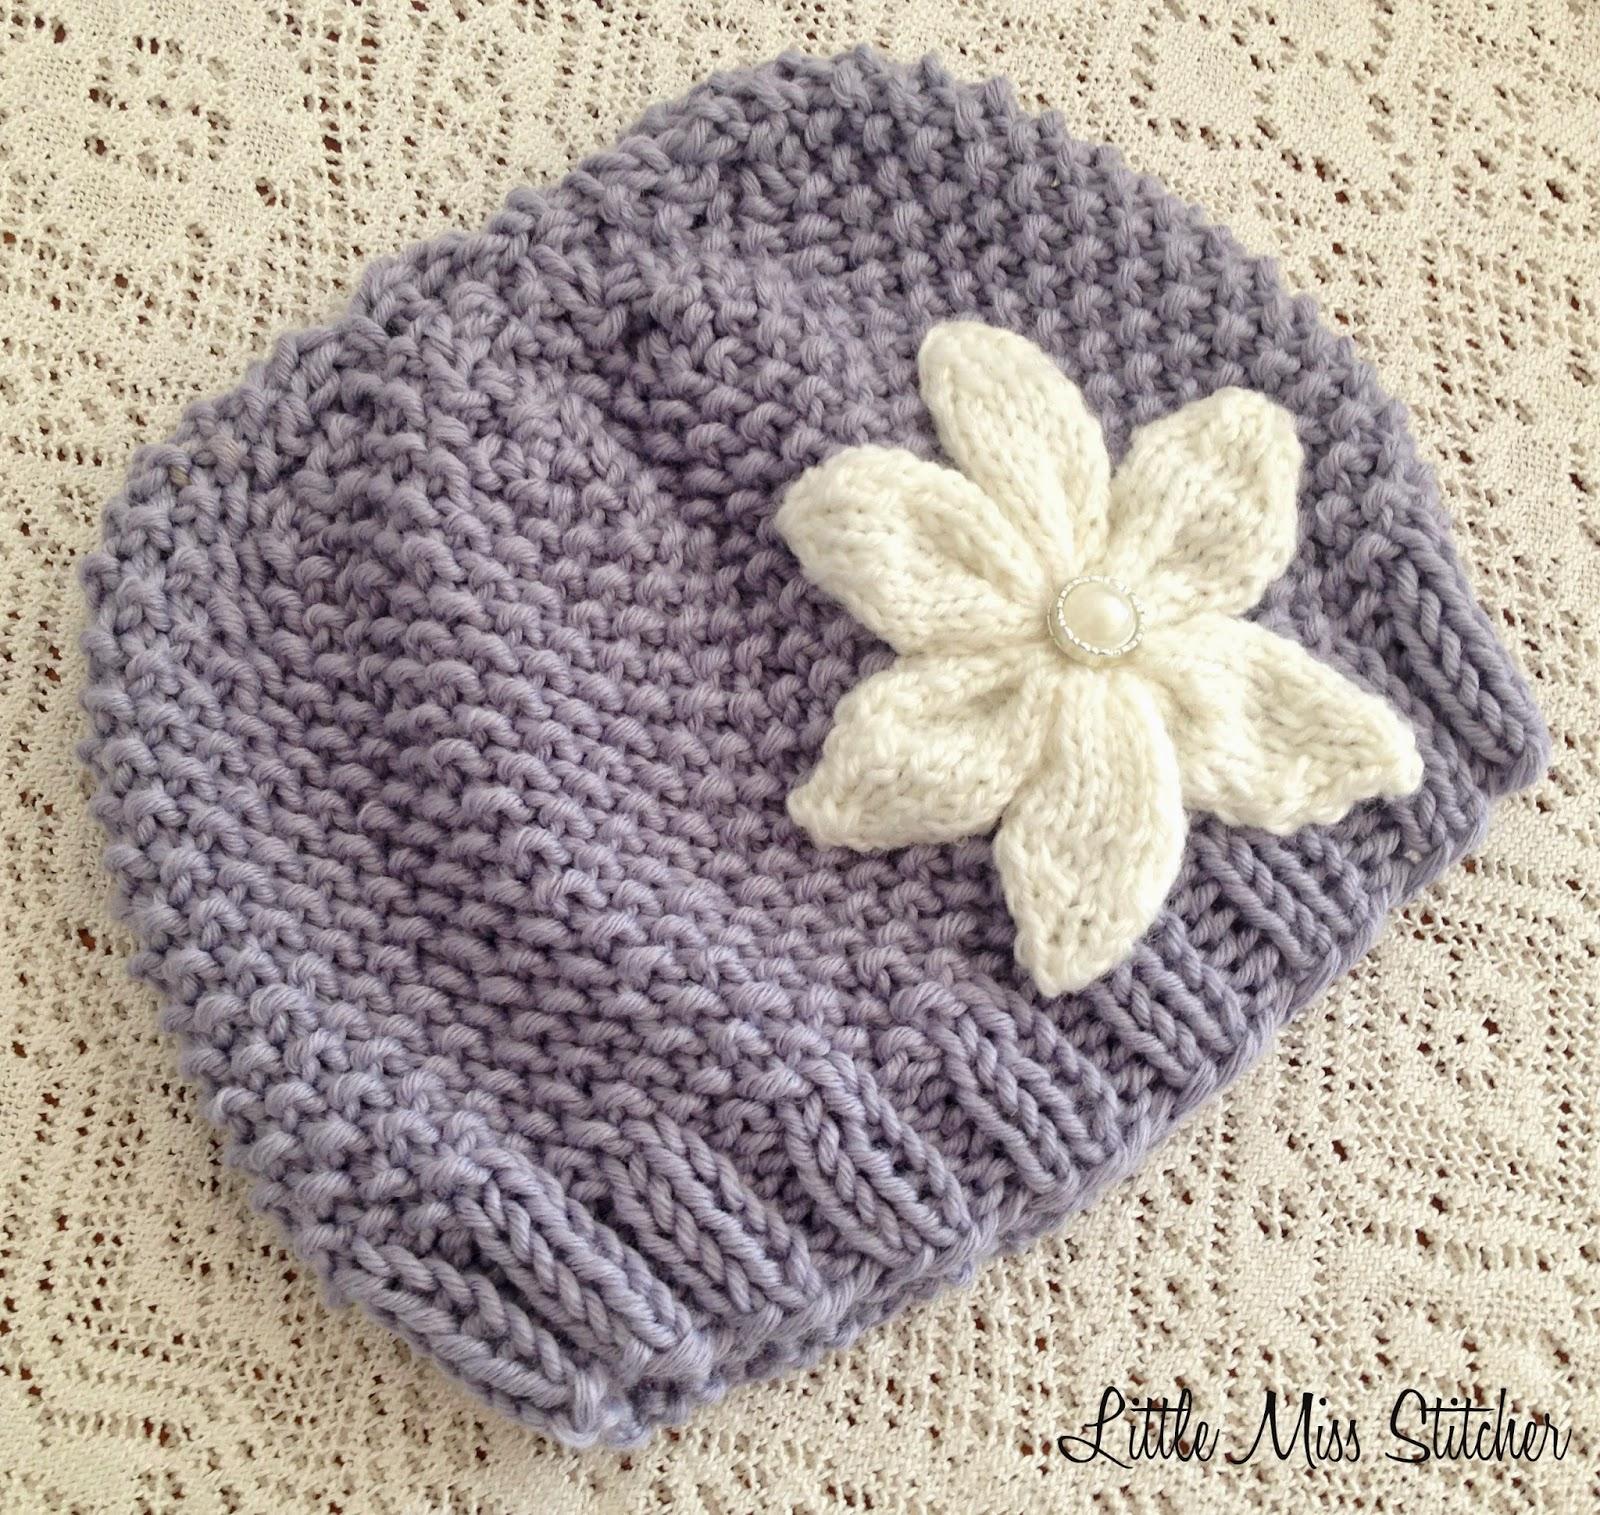 Little Miss Stitcher: Textured Knit Toddler Hat Free Pattern